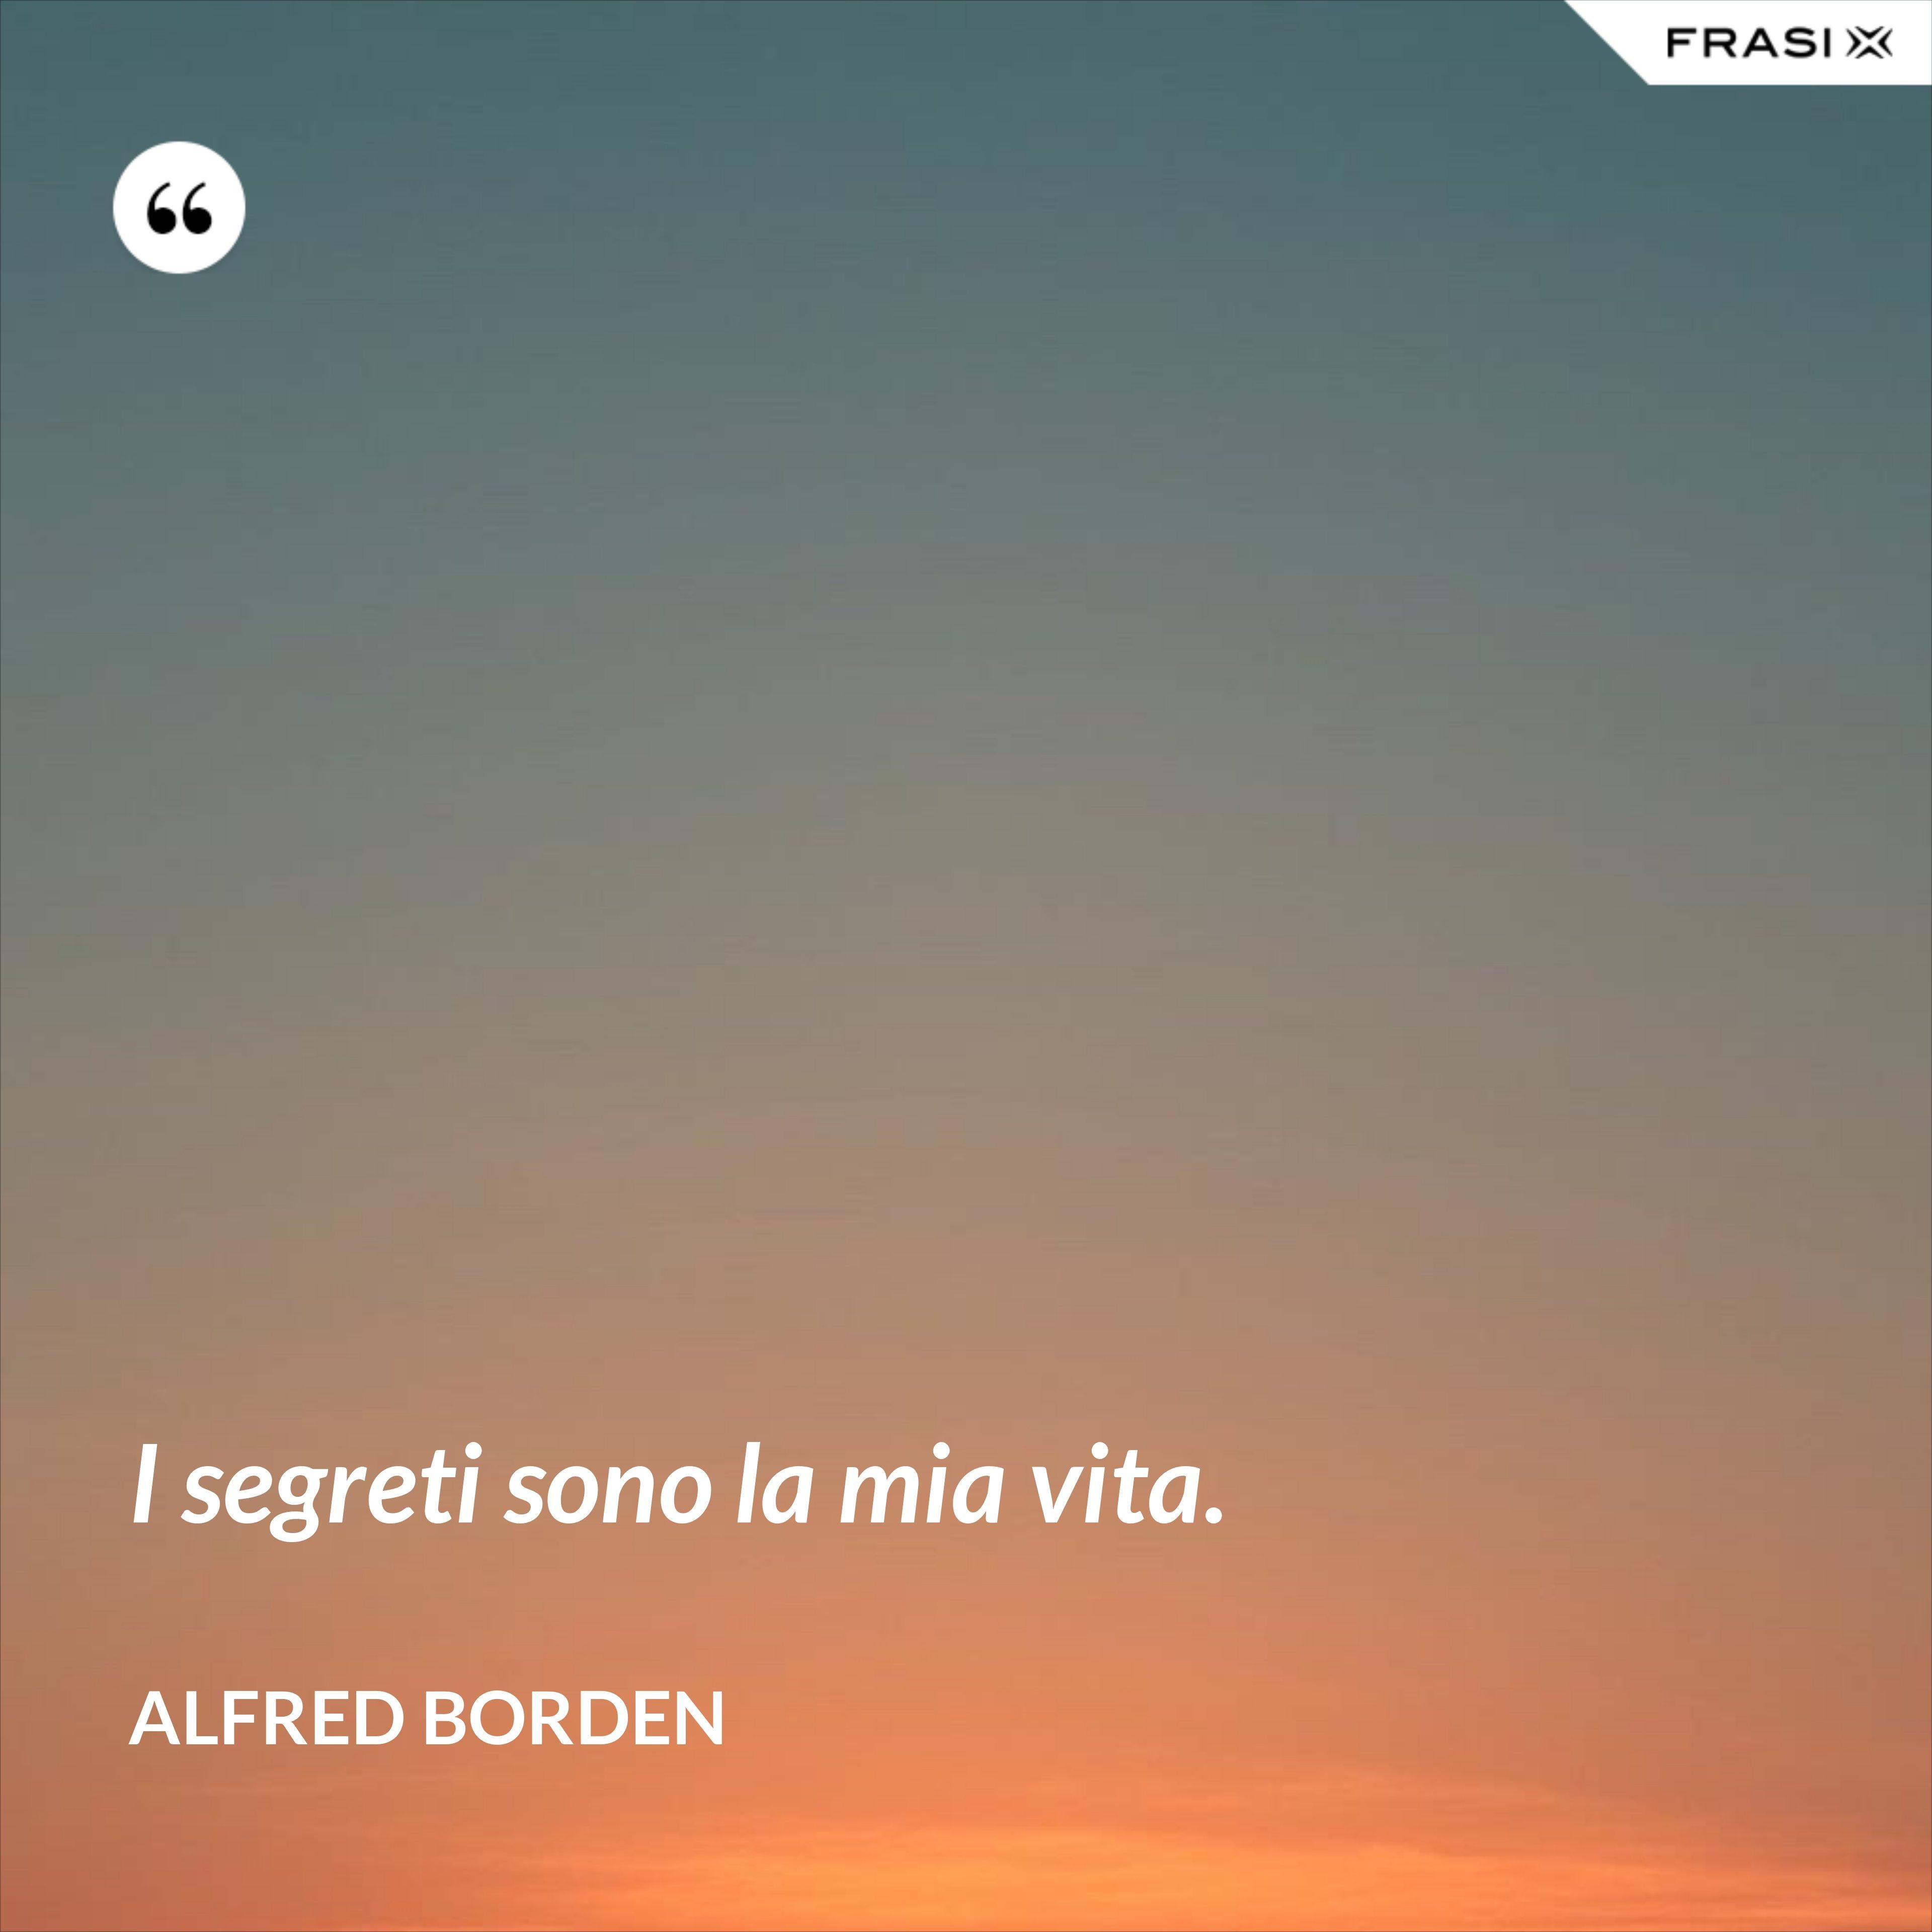 I segreti sono la mia vita. - Alfred Borden